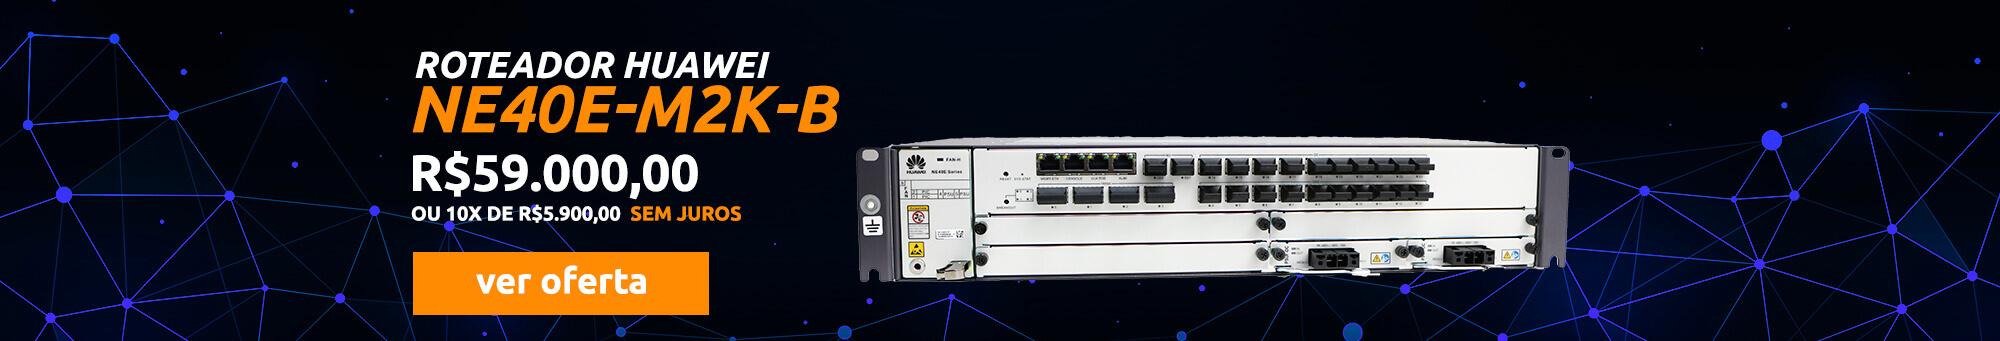 Huawei ne-40